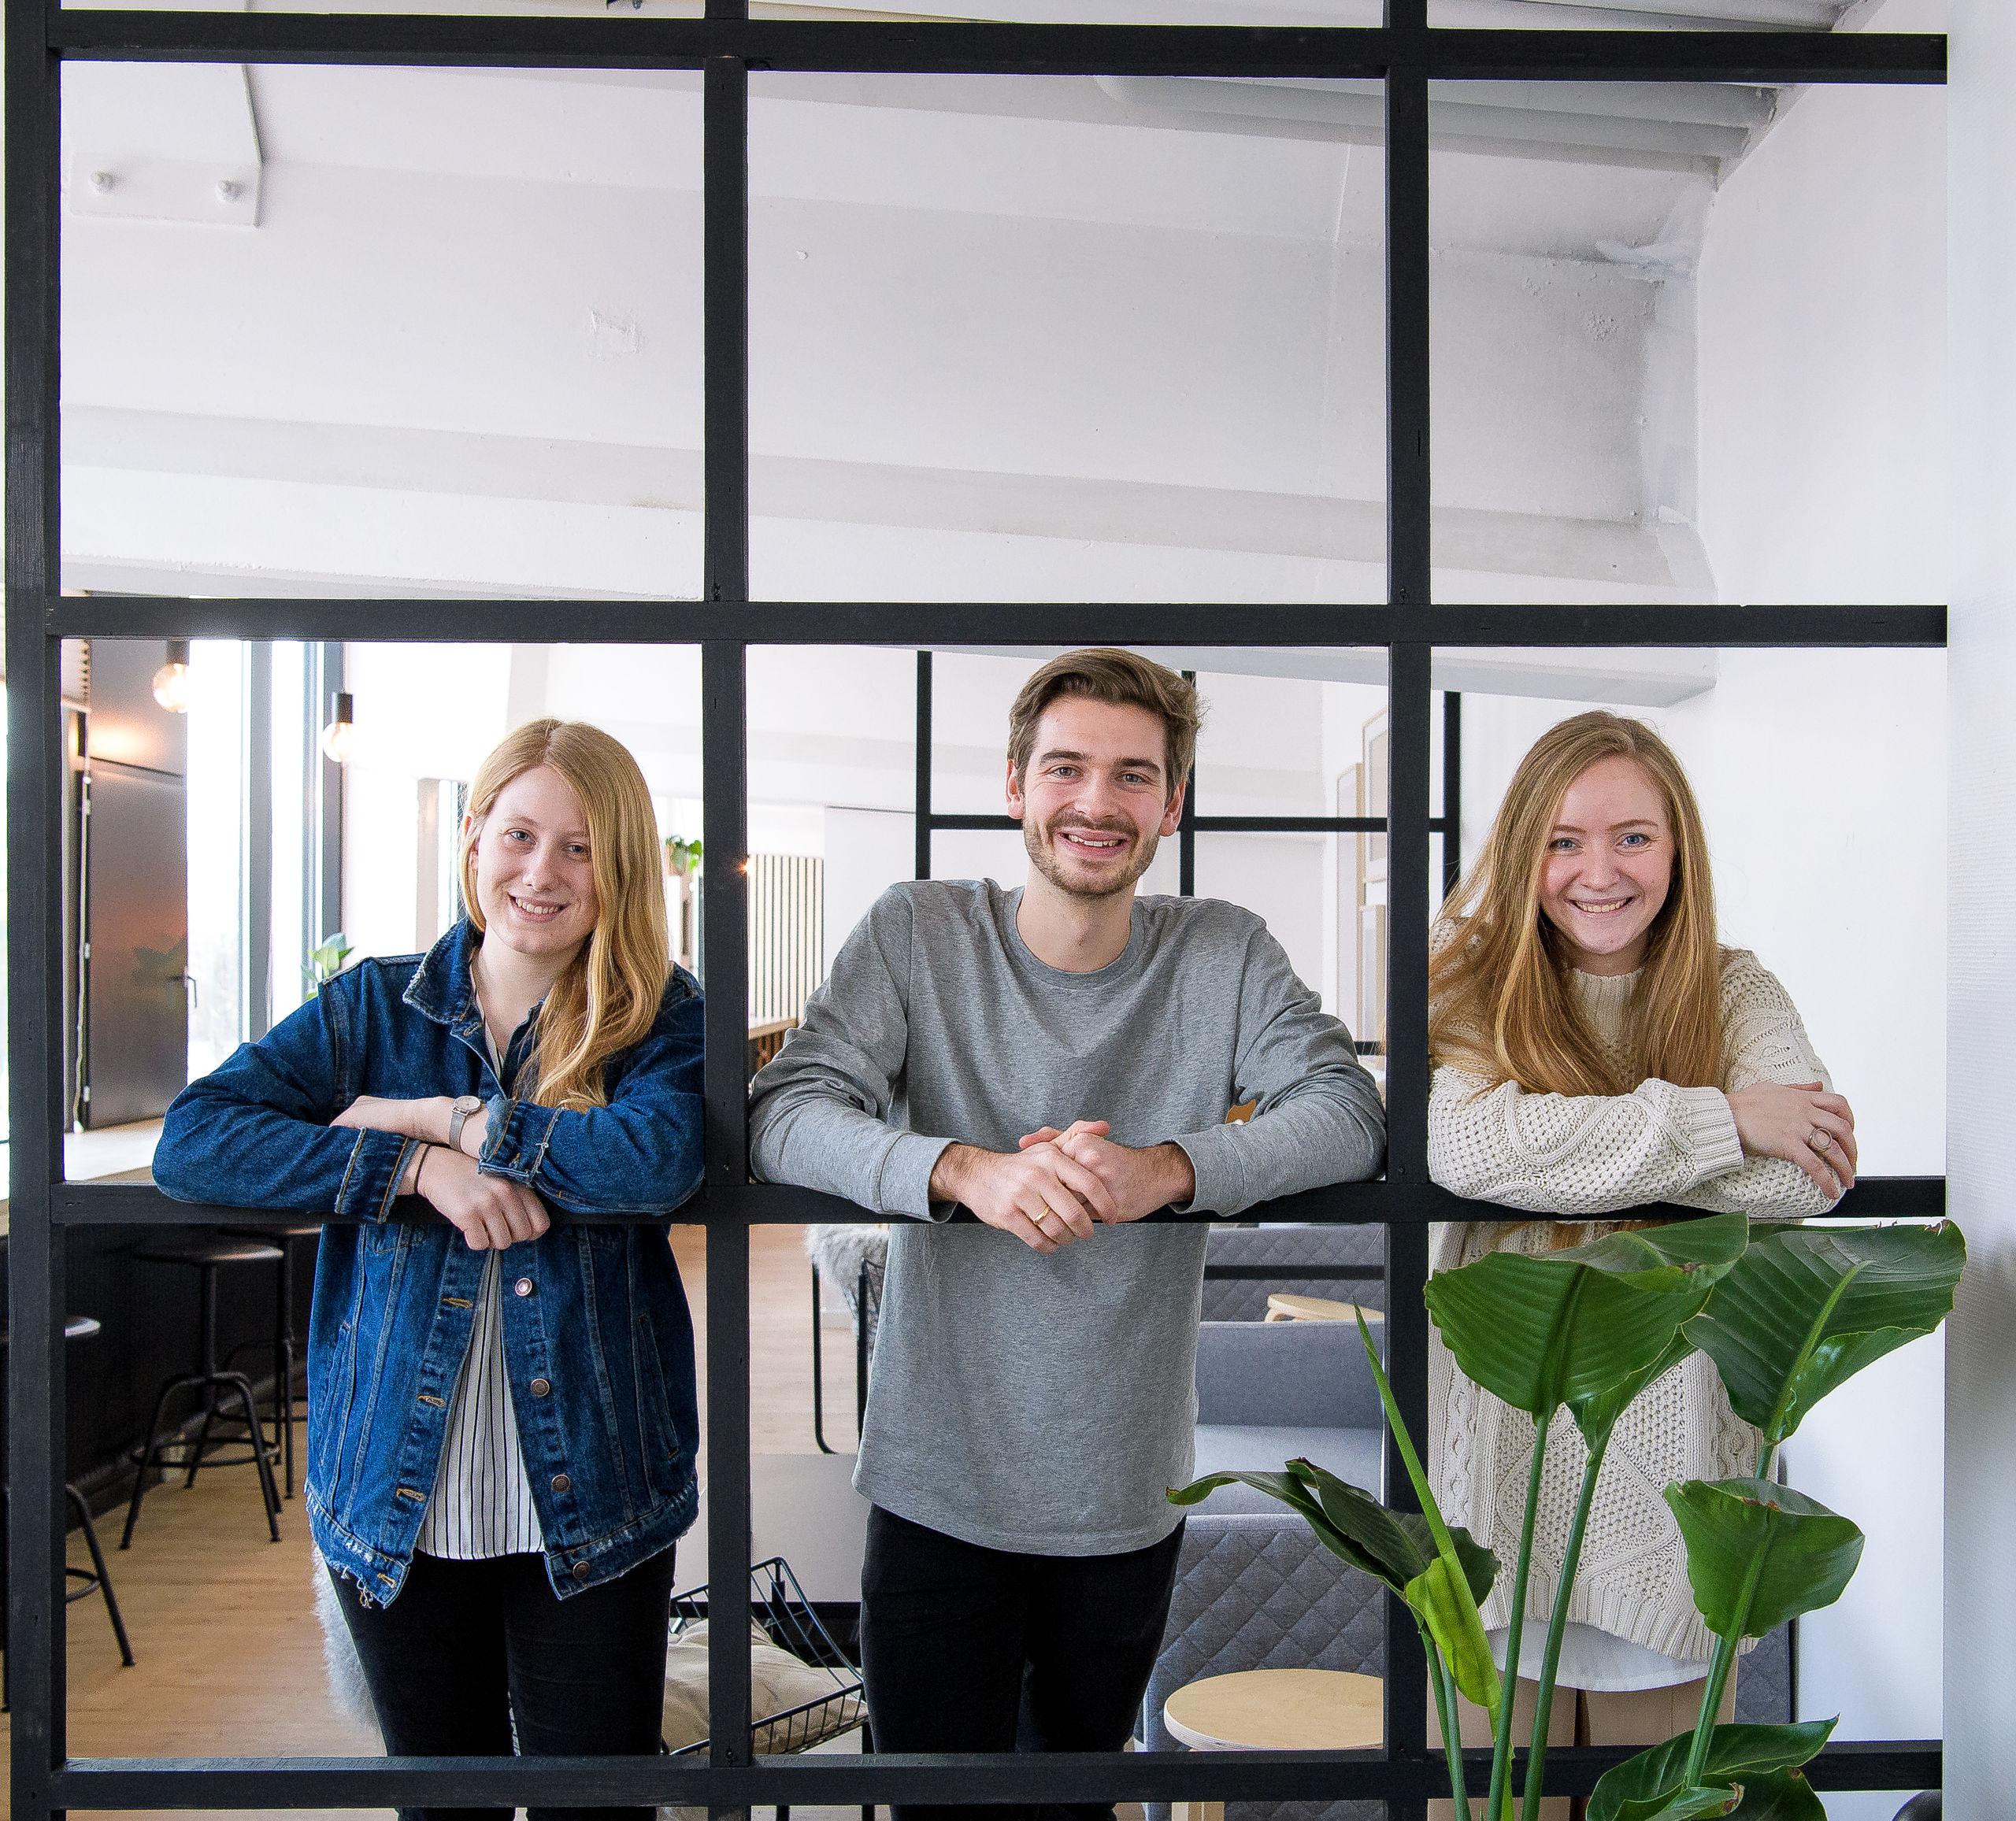 Det jo ren matematik! Clarissa Johansen (th), Kristoffer Vibæk-Riis og Josefine Immersen er klar til at give lektiehjælp. Foto: Bo Lehm